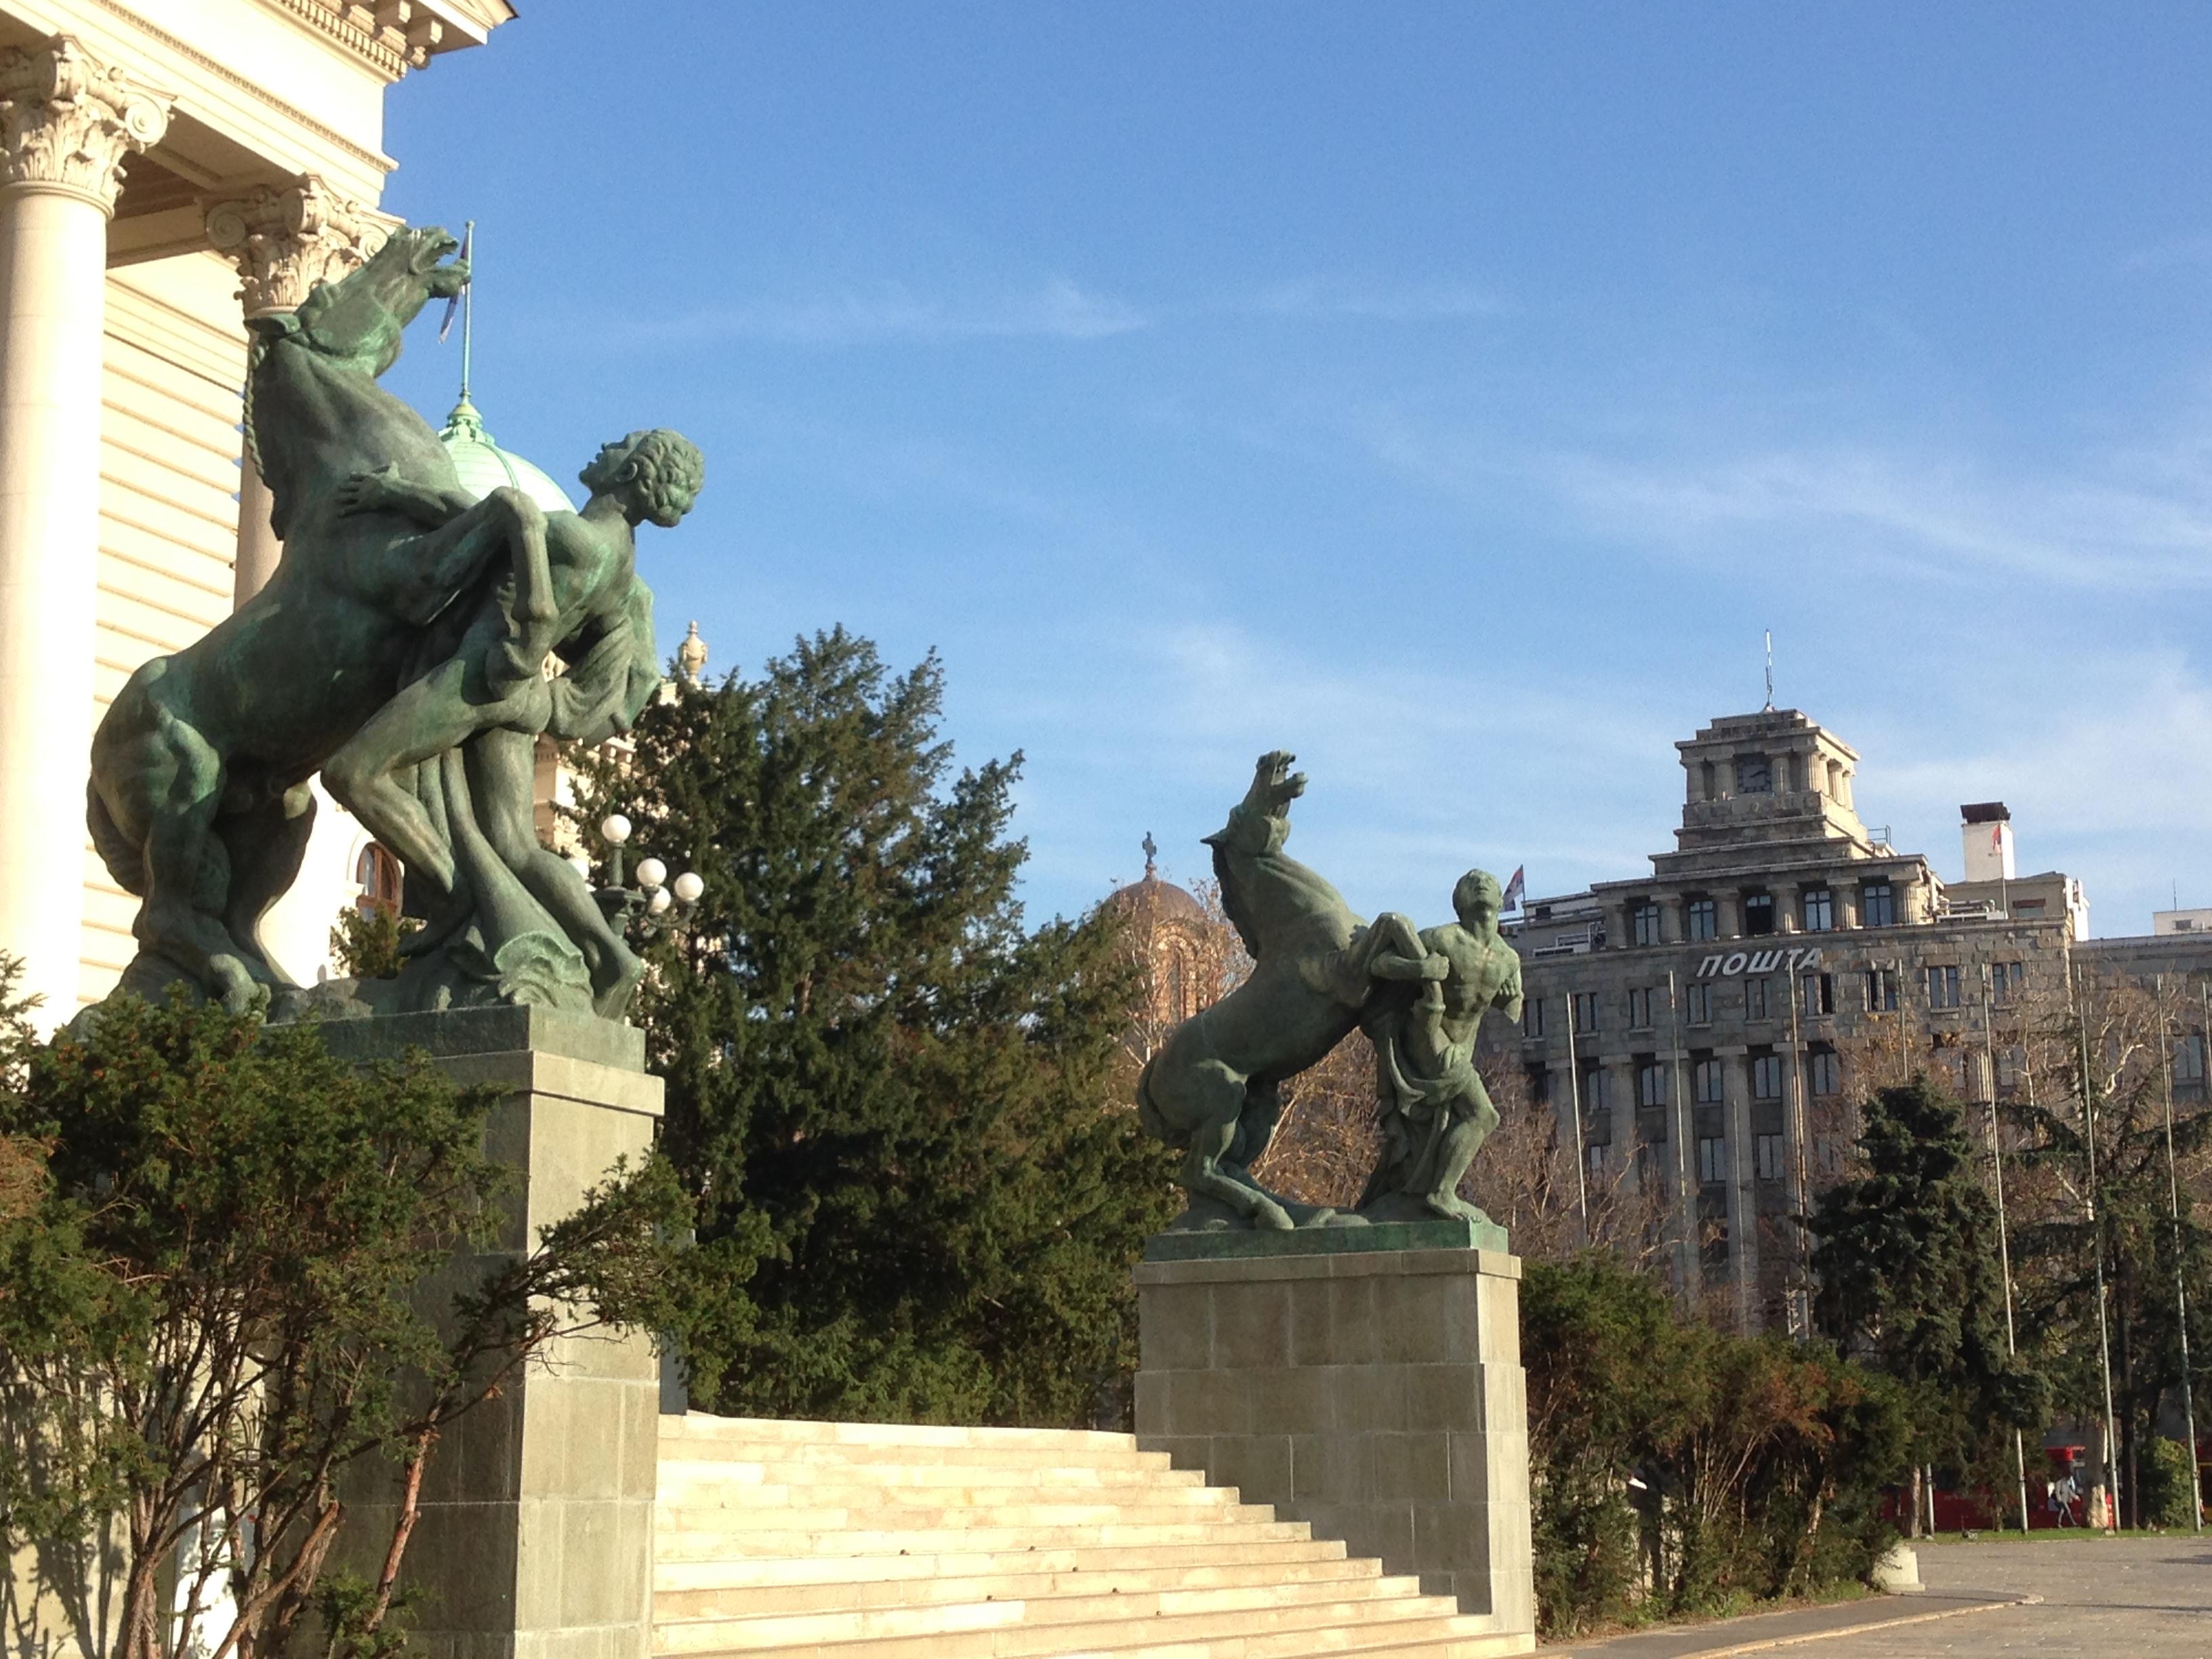 Callejeando por Belgrado, capital de Serbia, y, anteriormente capital de Yugoslavia